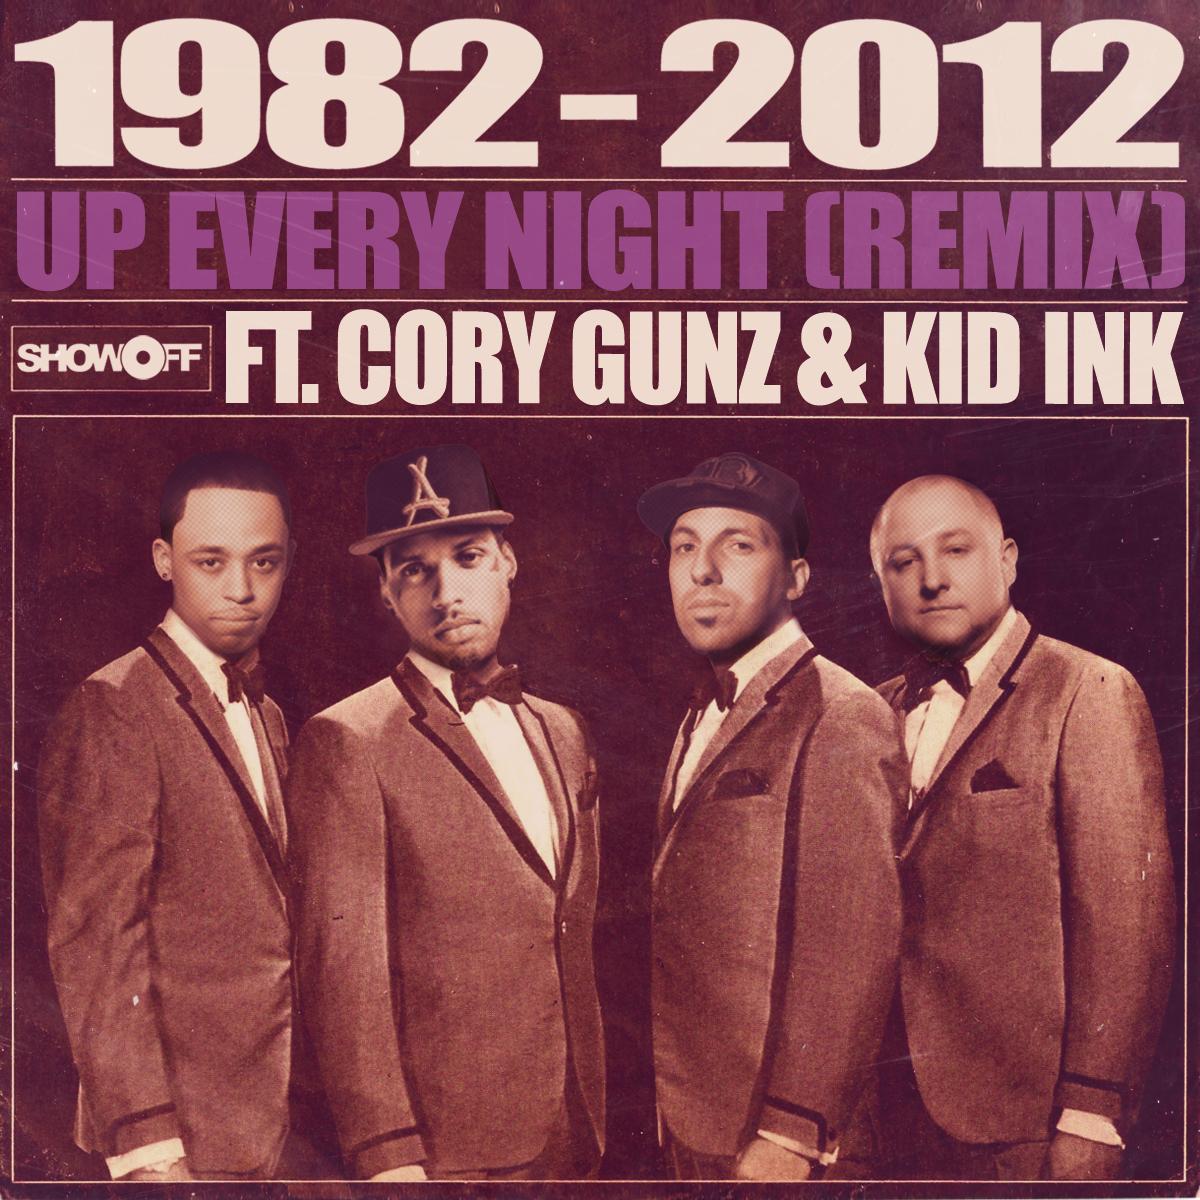 1982 (Statik Selektah & Termanology) - Up Every Night (Remix) ft Cory Gunz & Kid Ink